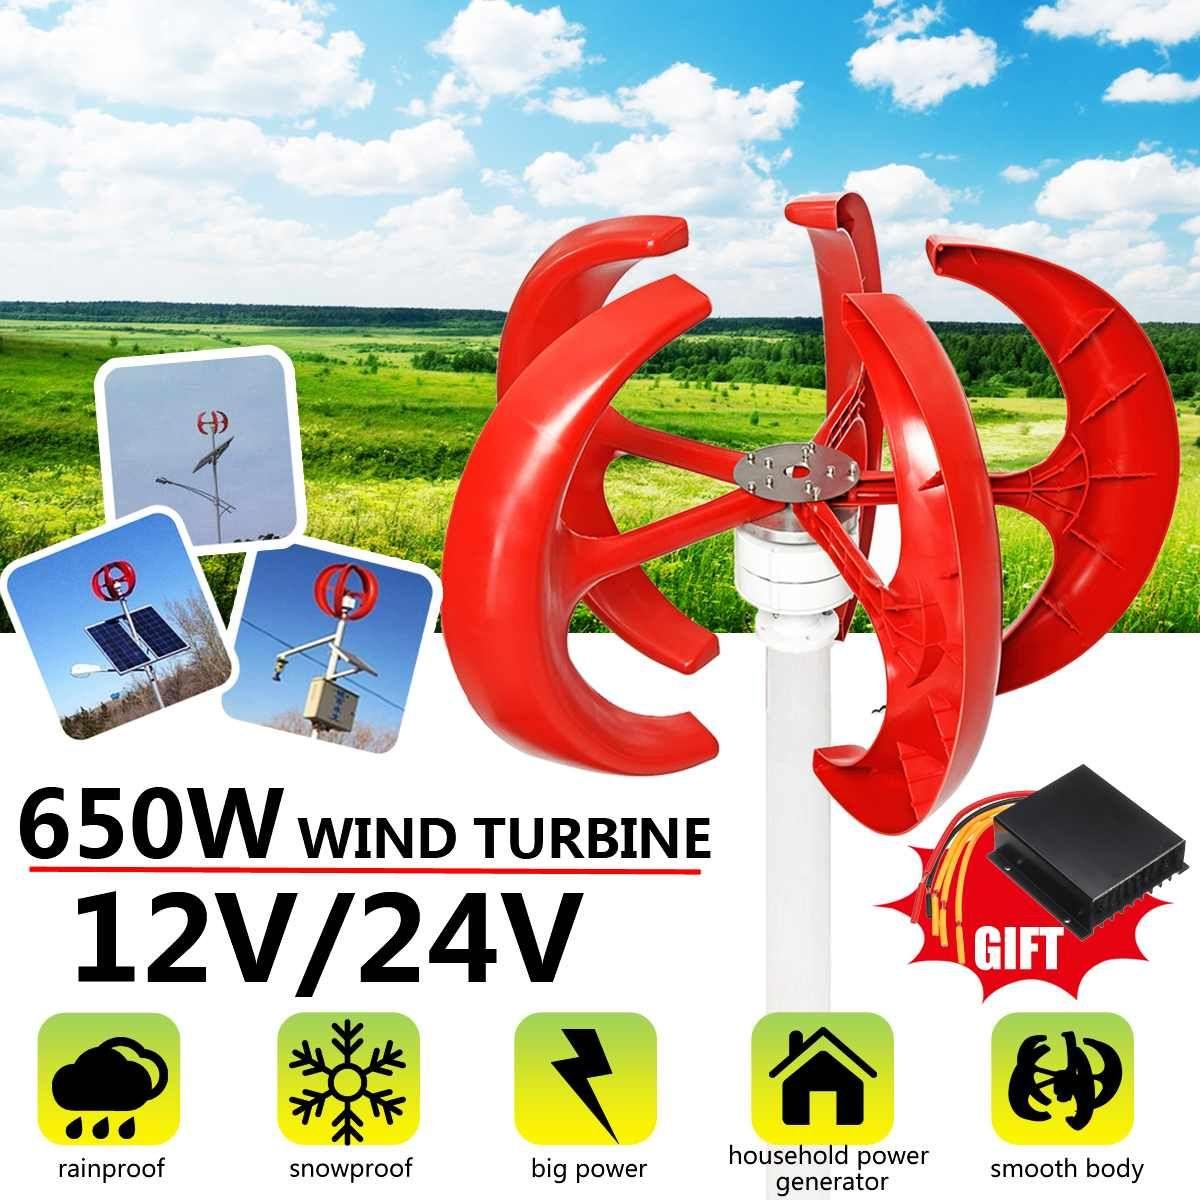 650 W AC Wind Turbinen Generator Laterne 5 Klingen 12 V 24 V Motor Kit Vertikale Achse Elektromagnetische Für Hause hybrid Straßenbeleuchtung Verwenden